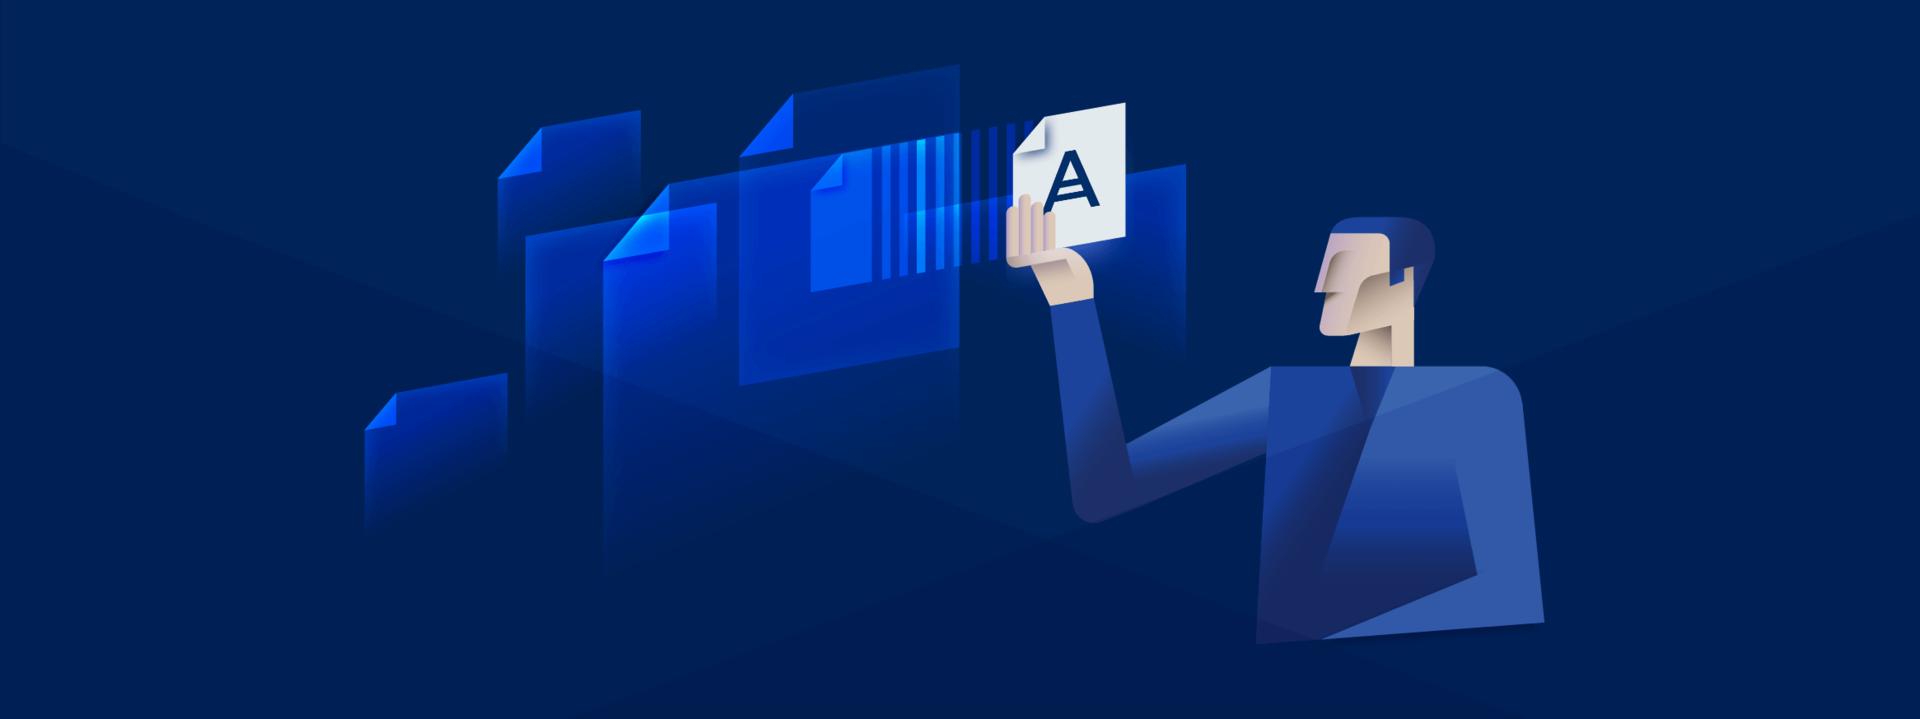 Дизайн-система Acronis. Часть первая. Единая библиотека компонентов